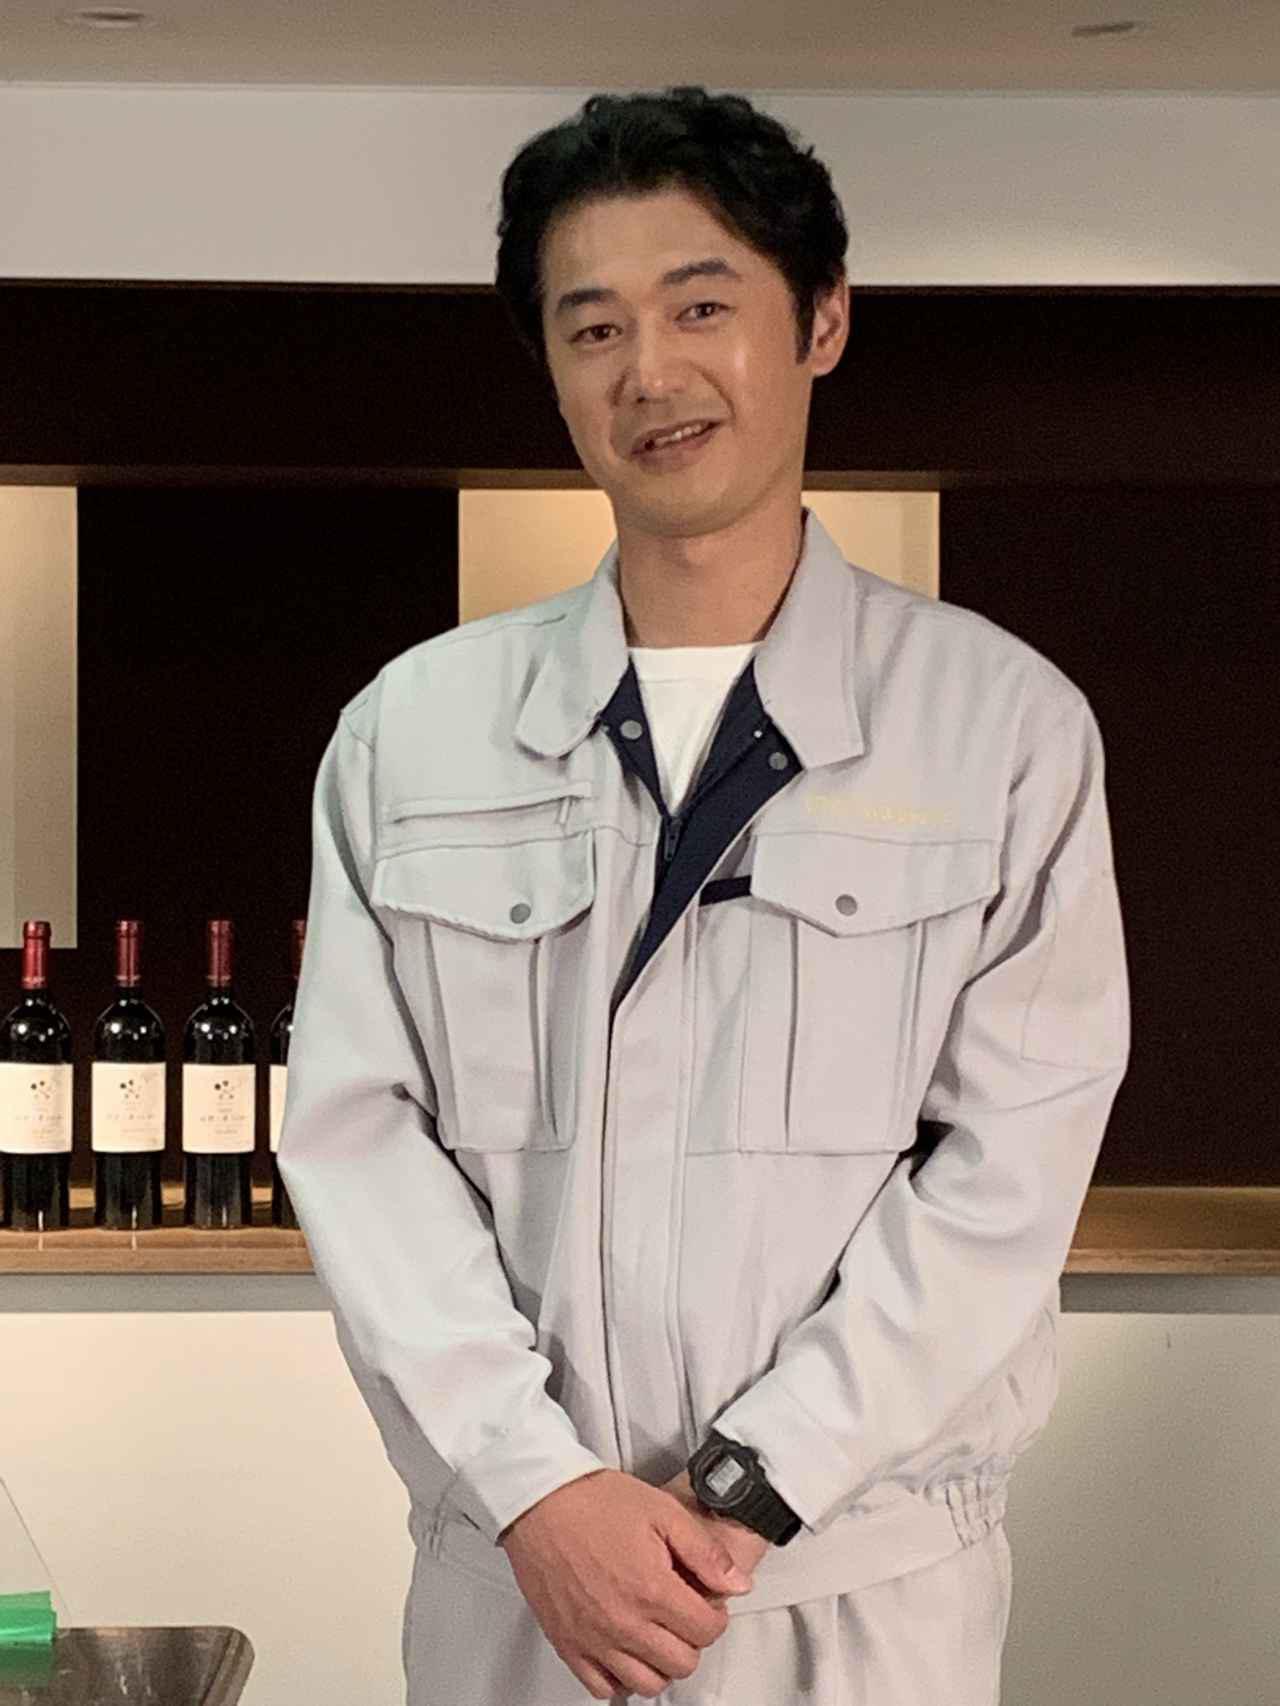 画像2: 2022年公開(予定)! 「シャトー・メルシャン」の醸造家、安蔵光弘氏の人生を描く映画『シグナチャー』がクランクイン!!